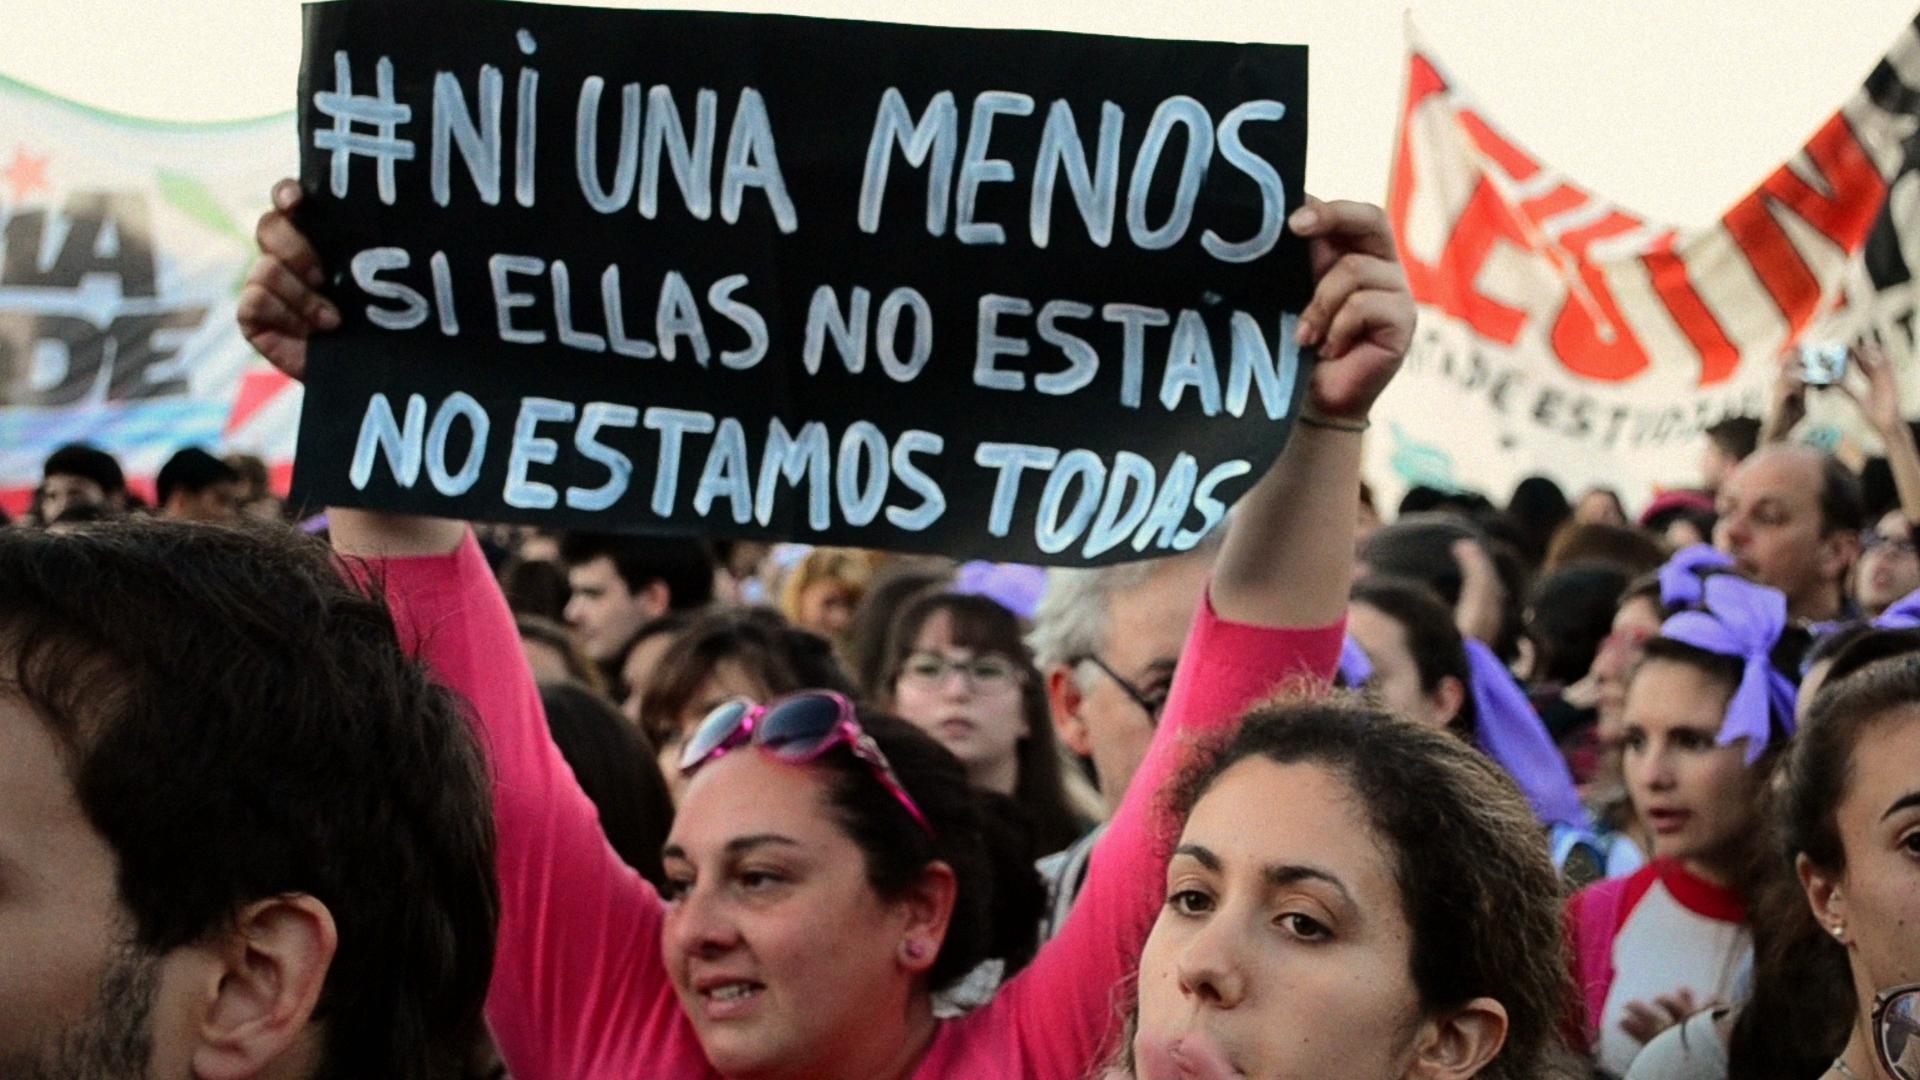 #NiUnaMenos cumple 5 años con 3.800 feminicidios en Latinoamérica en el último año